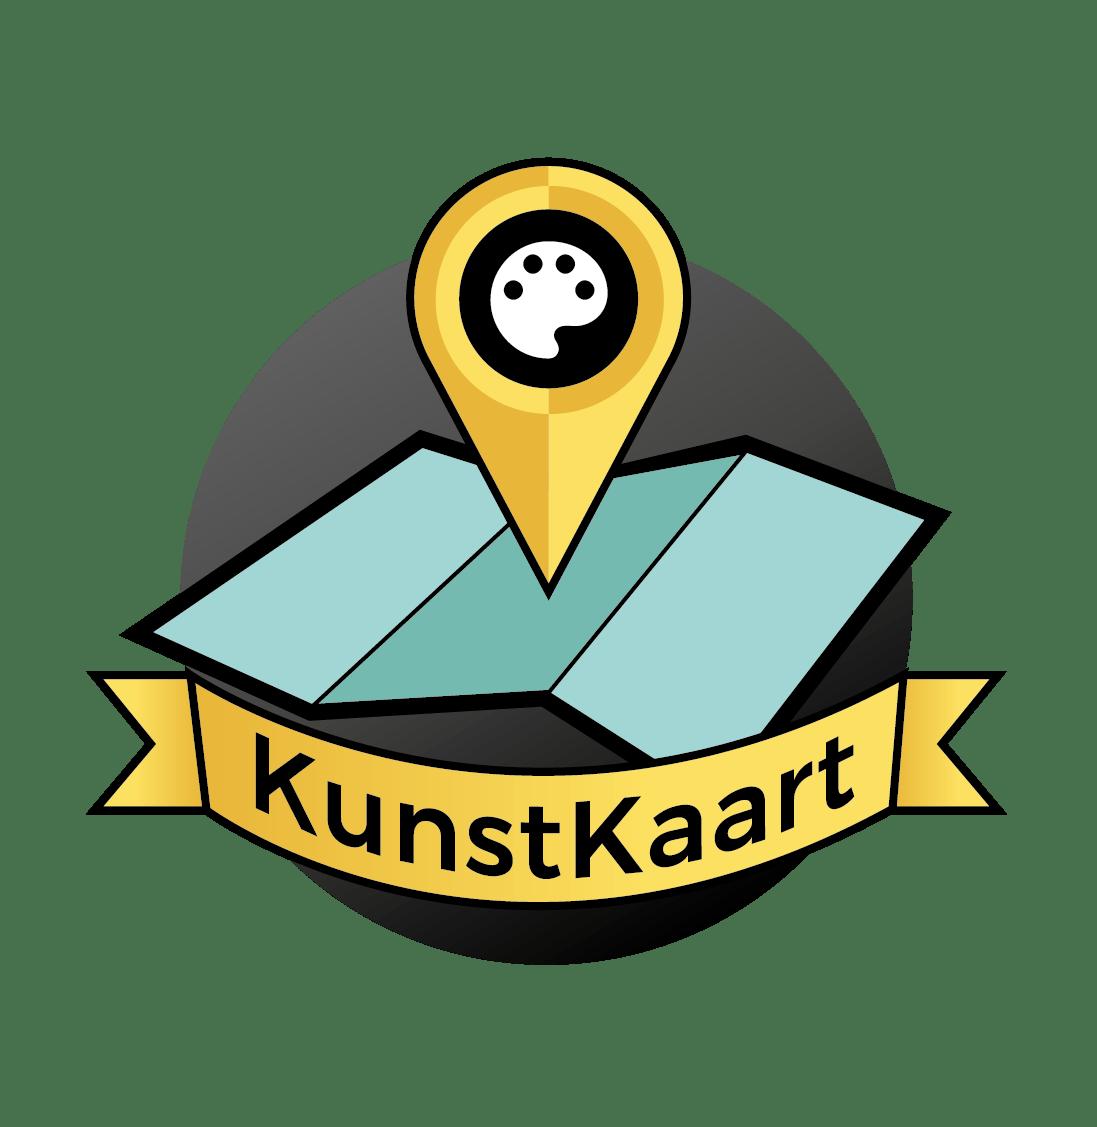 KunstKaart Rotterdam